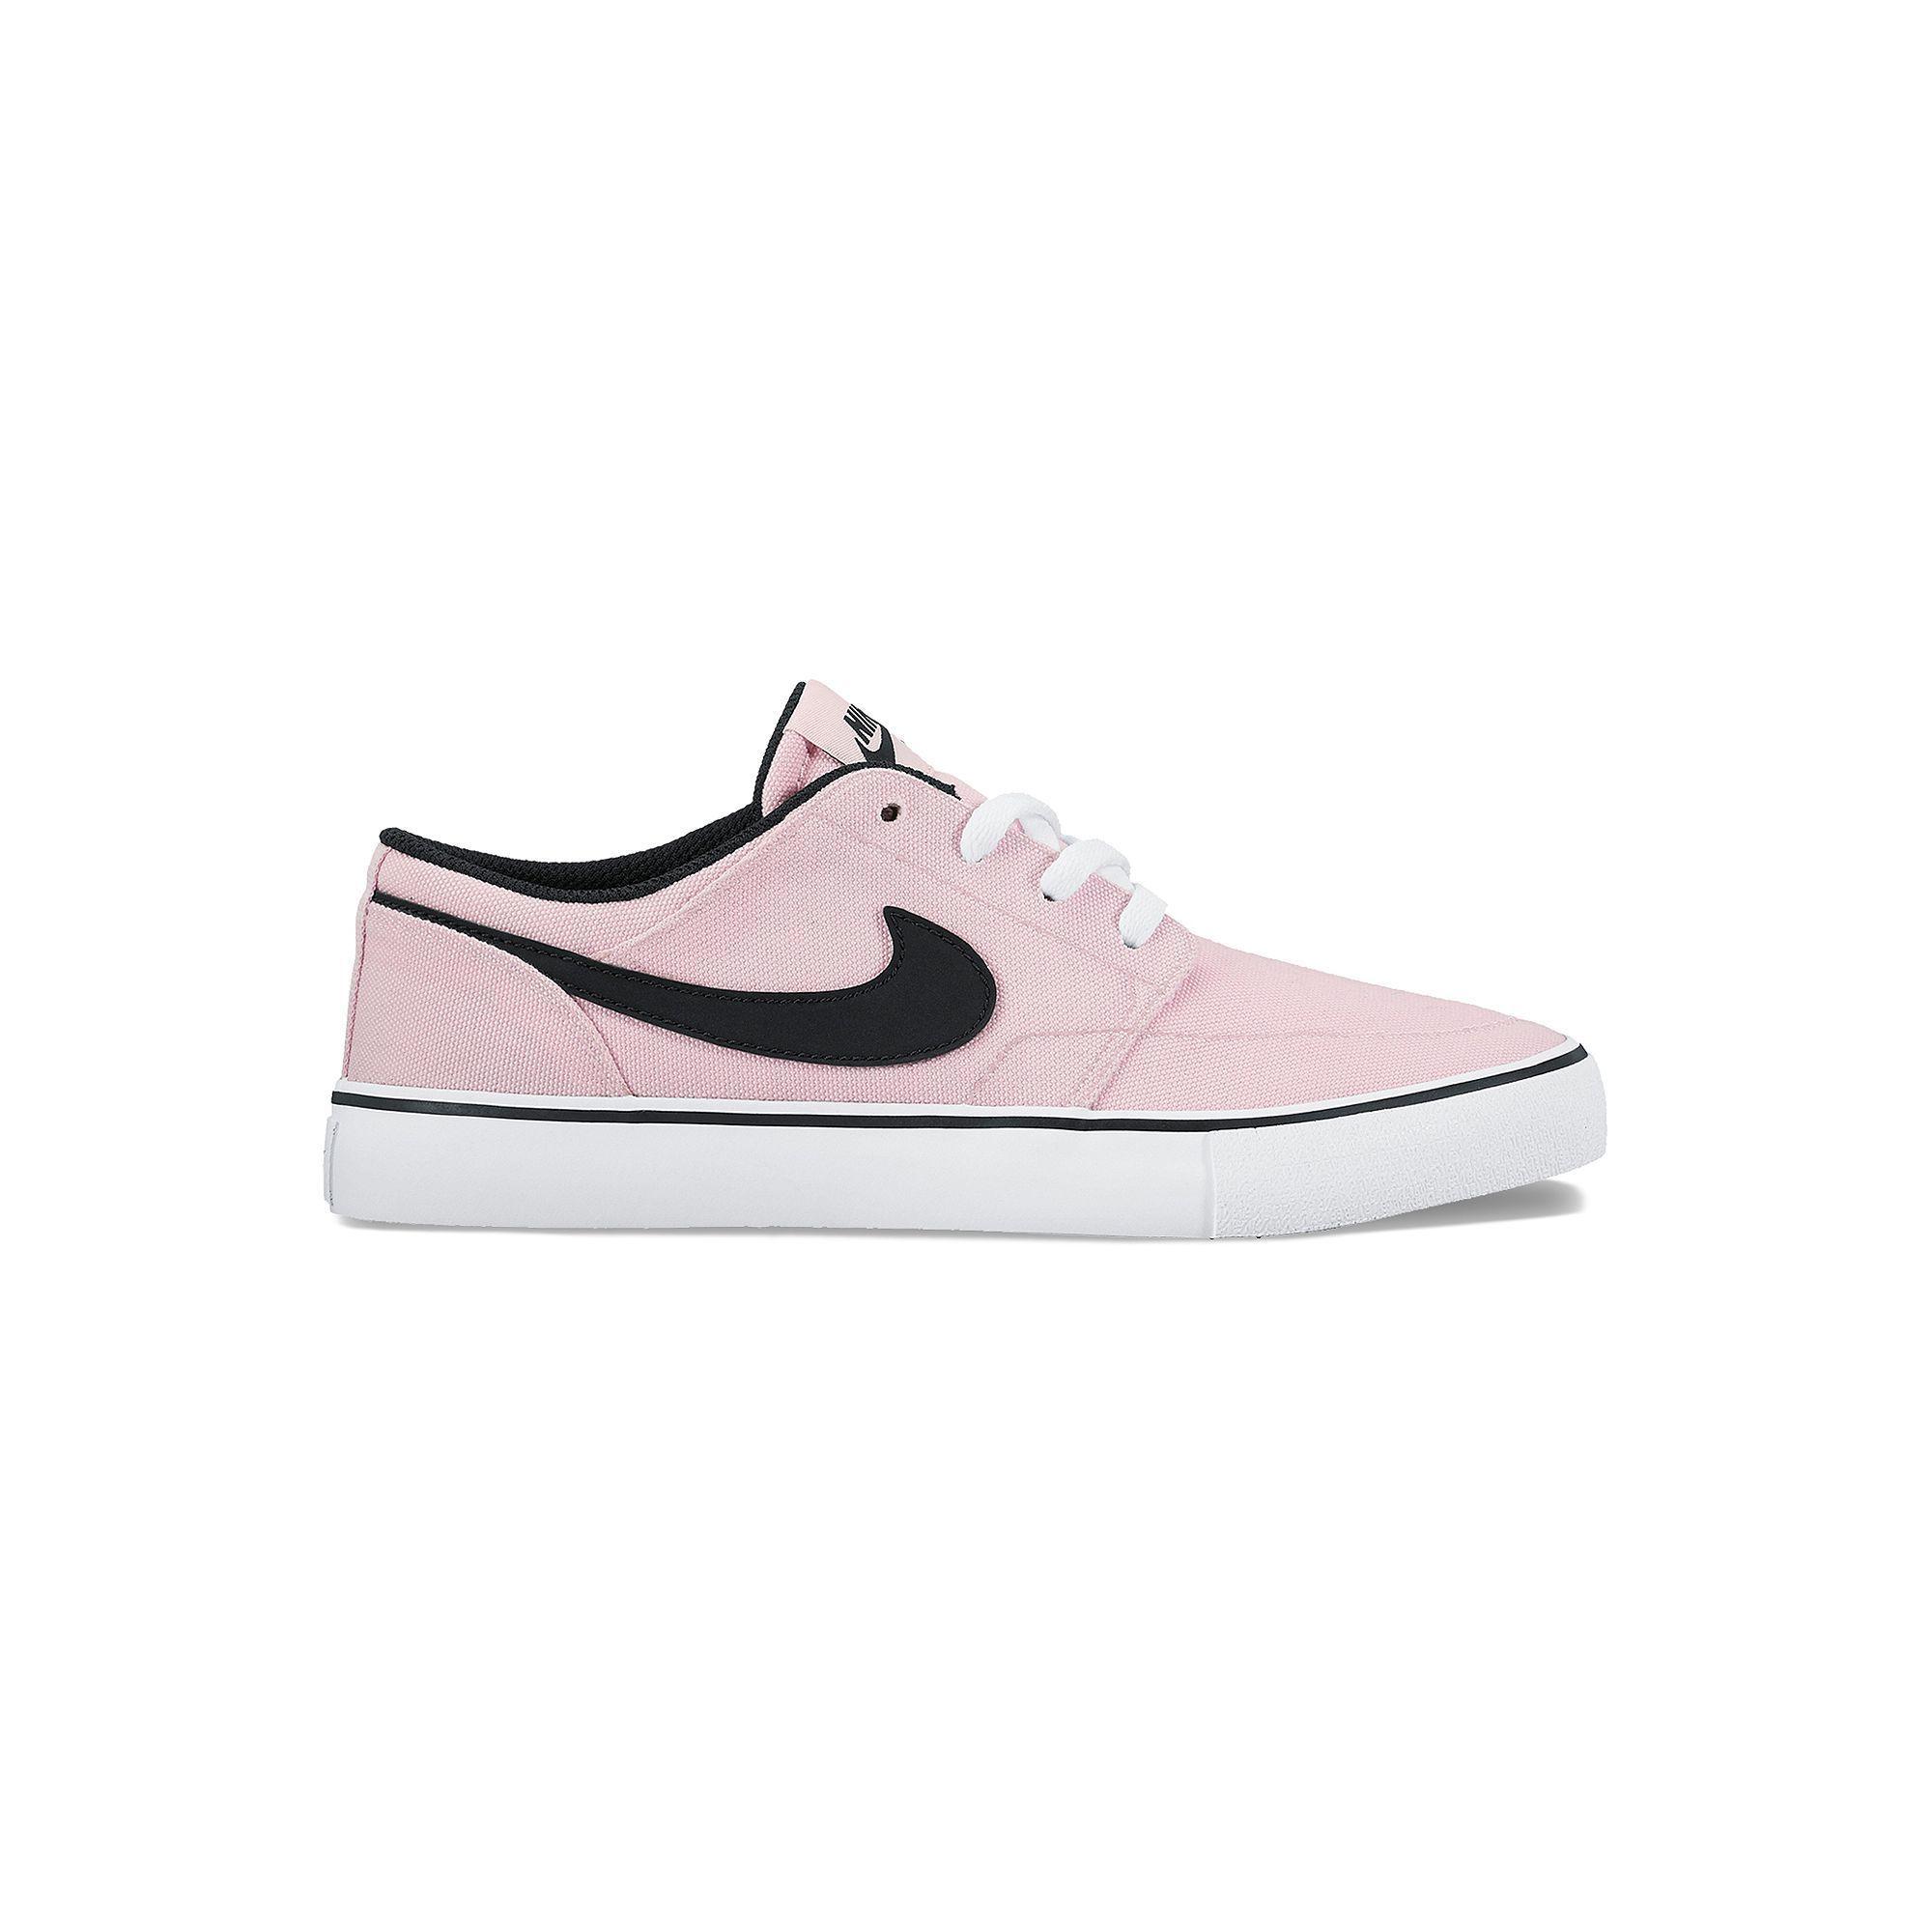 Nike SB Portmore II Grade School Skate Shoes  d28c1af30